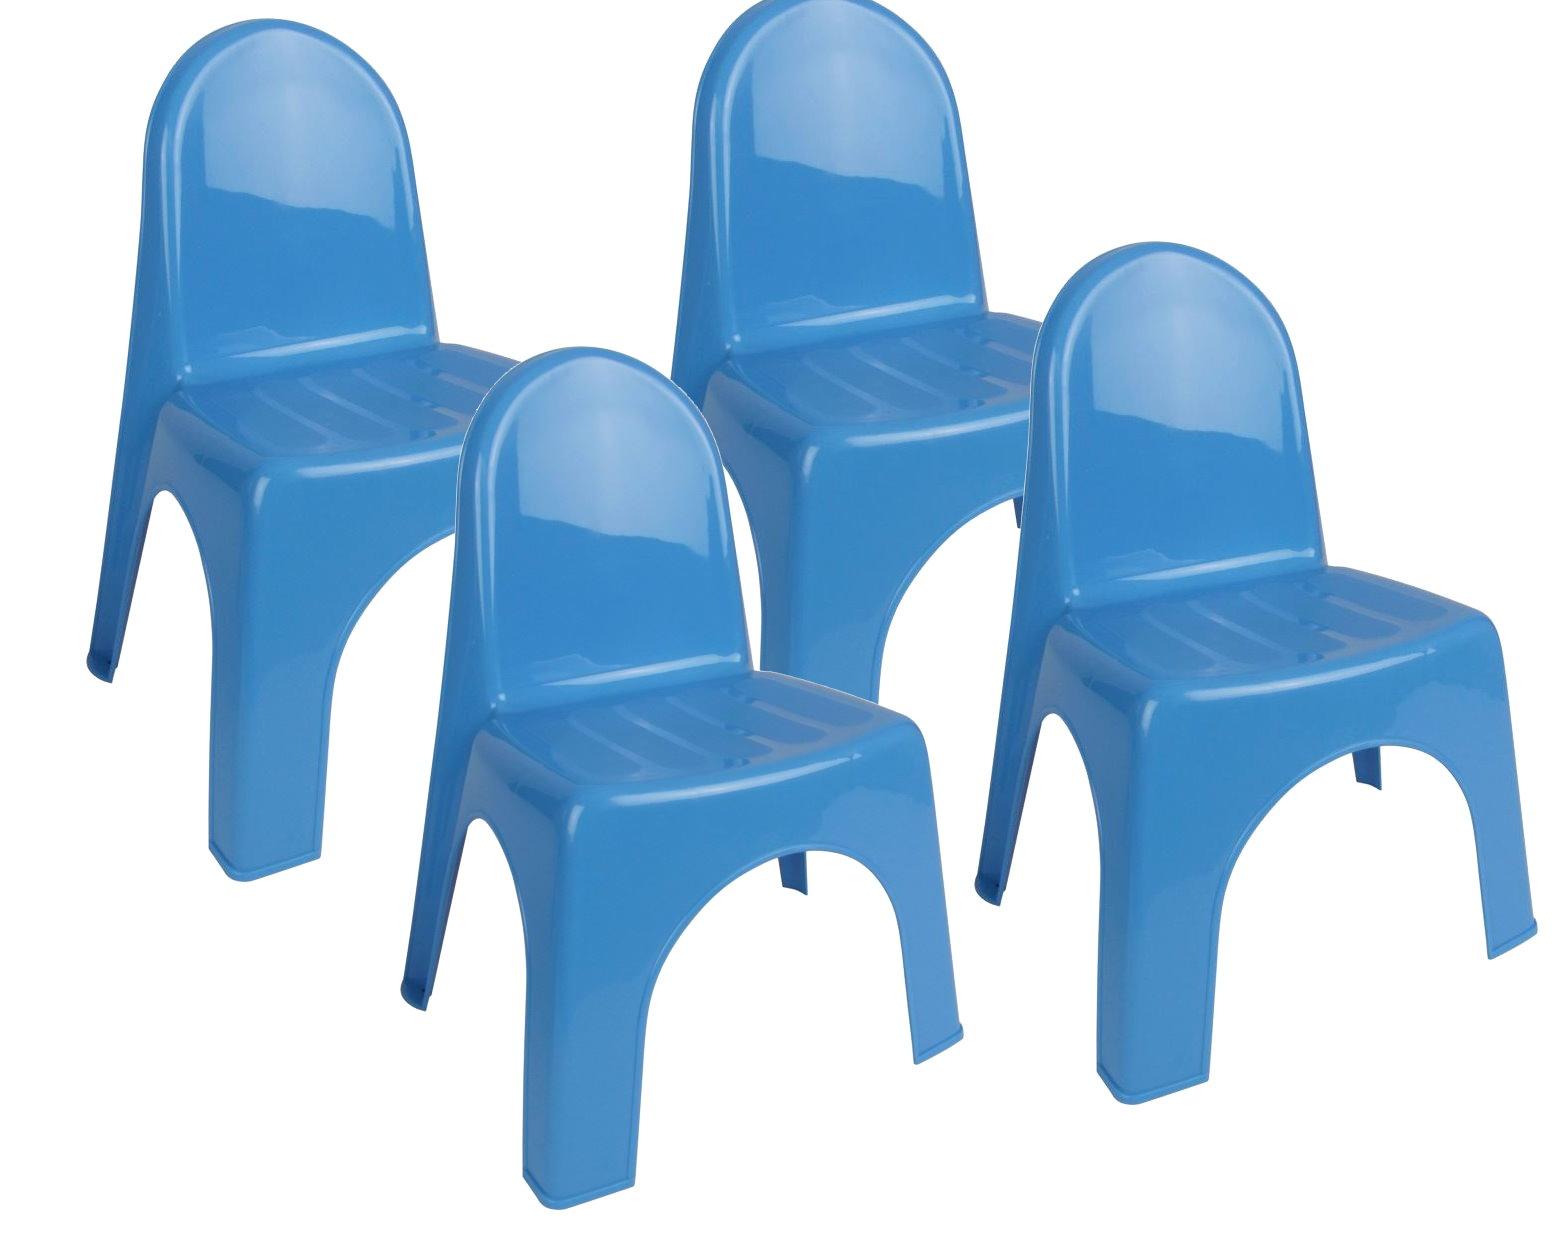 4x kinderstuhl garten kunststoff stuhl stapelstuhl kinder. Black Bedroom Furniture Sets. Home Design Ideas